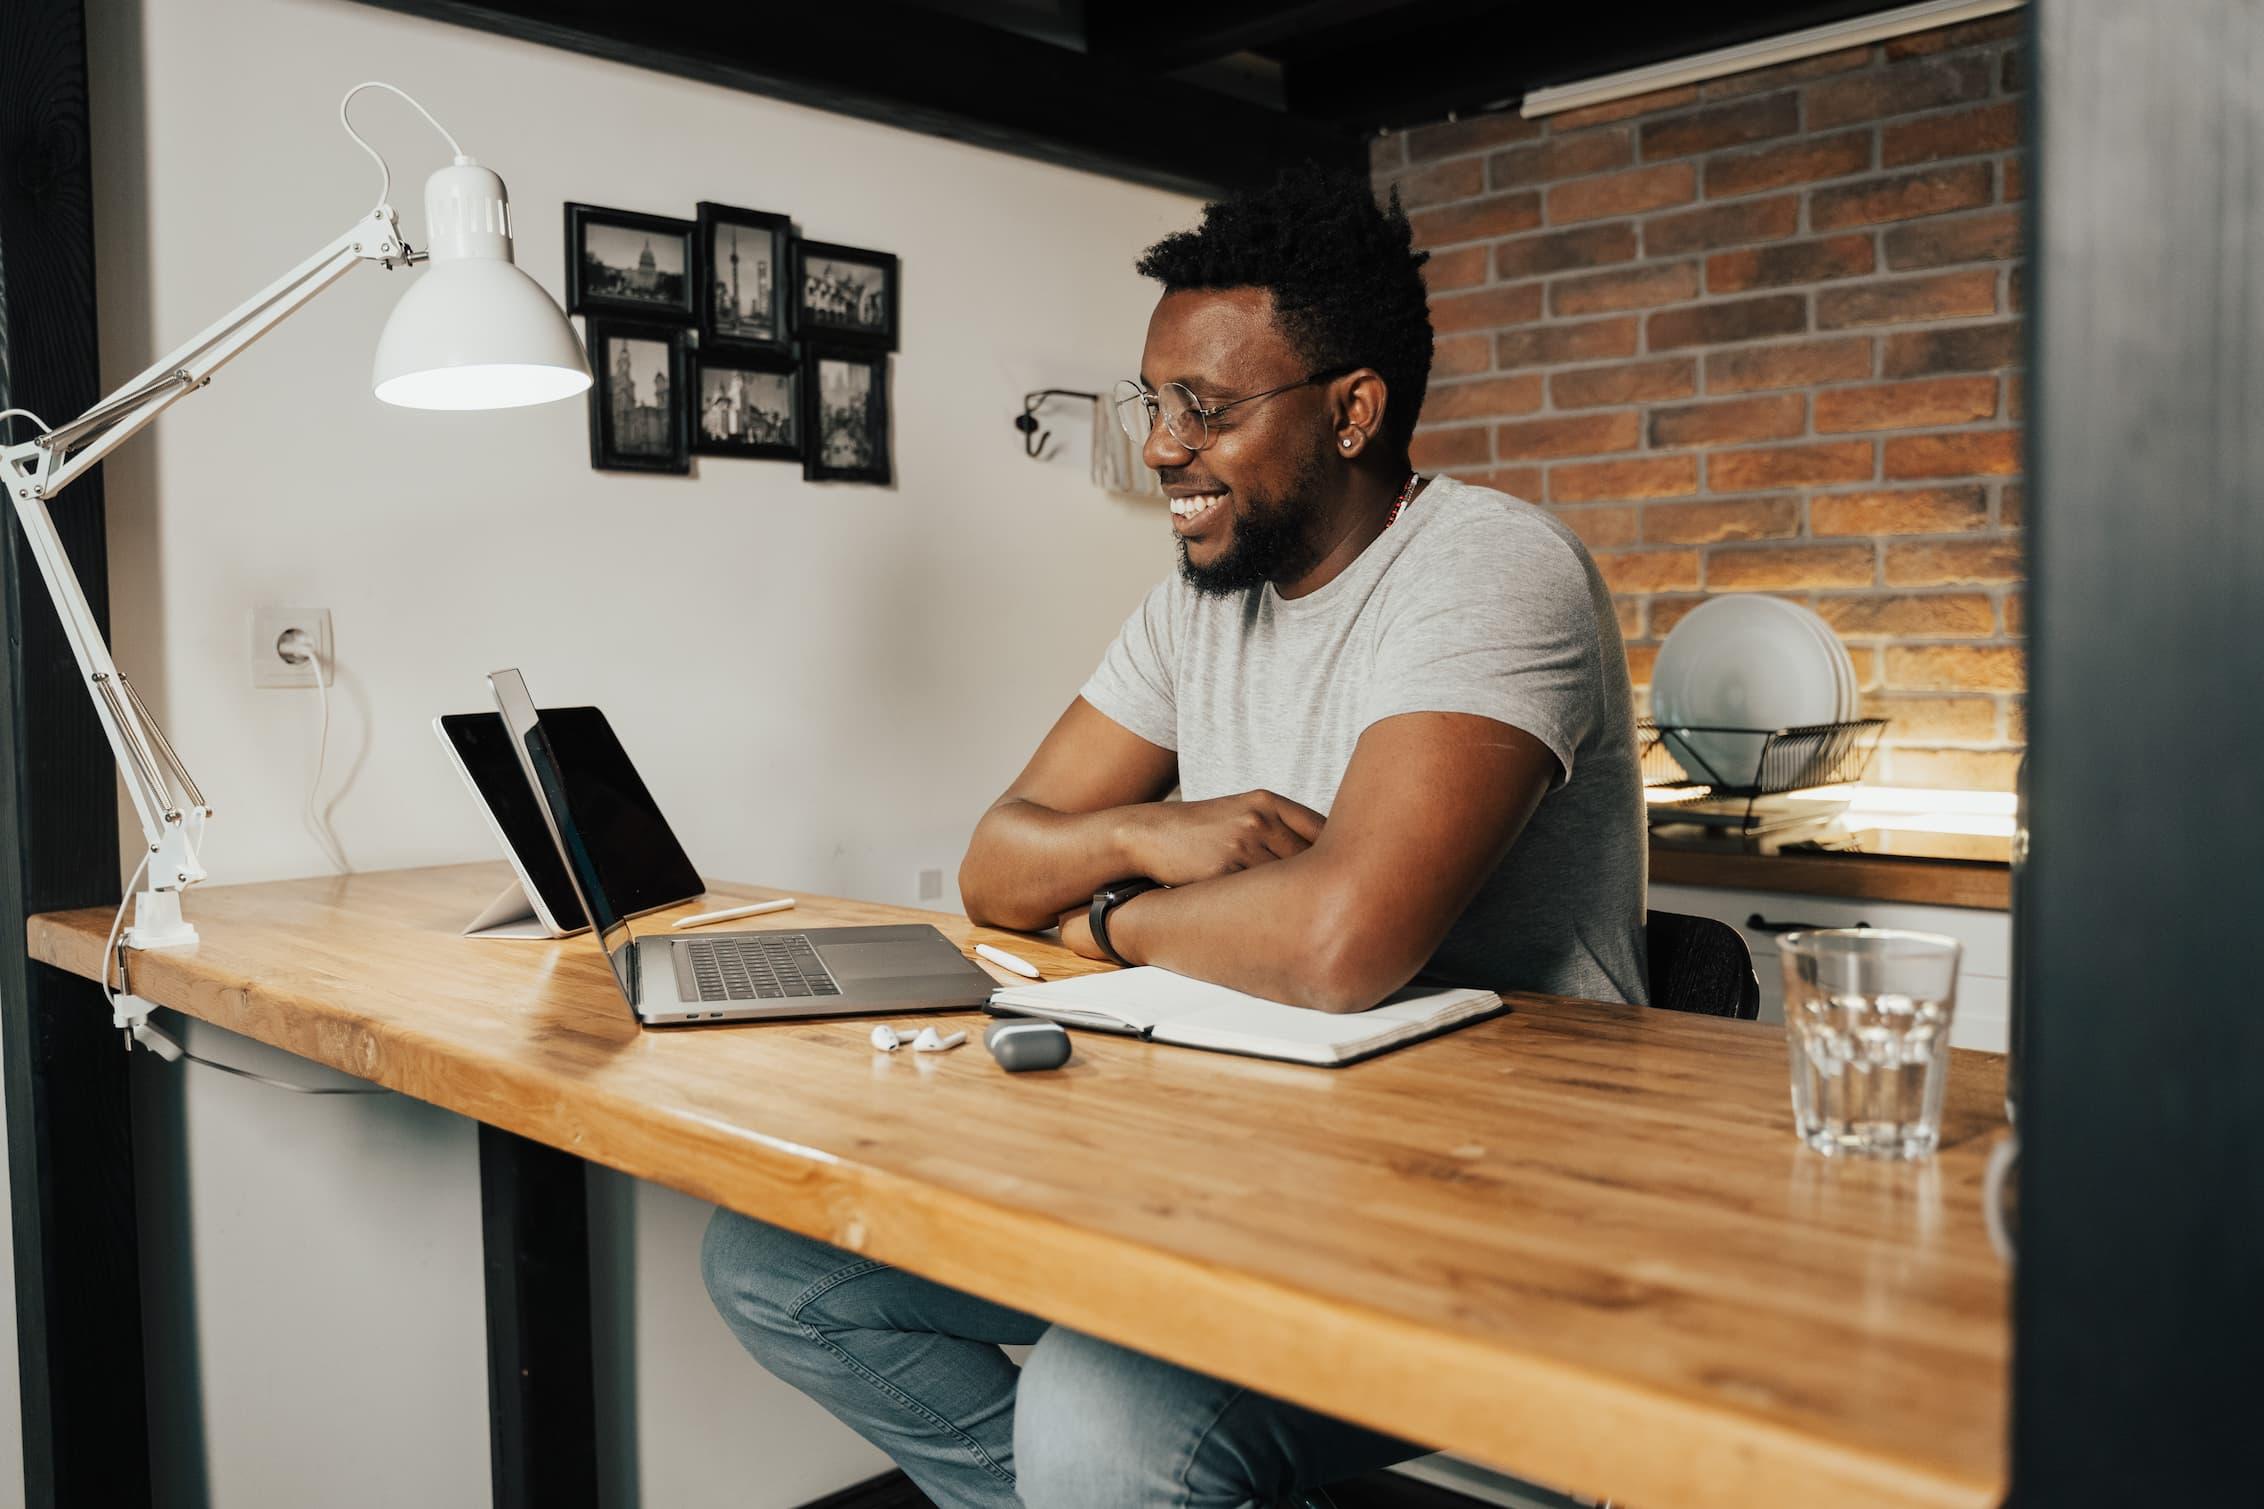 Man smiling at computer at a desk